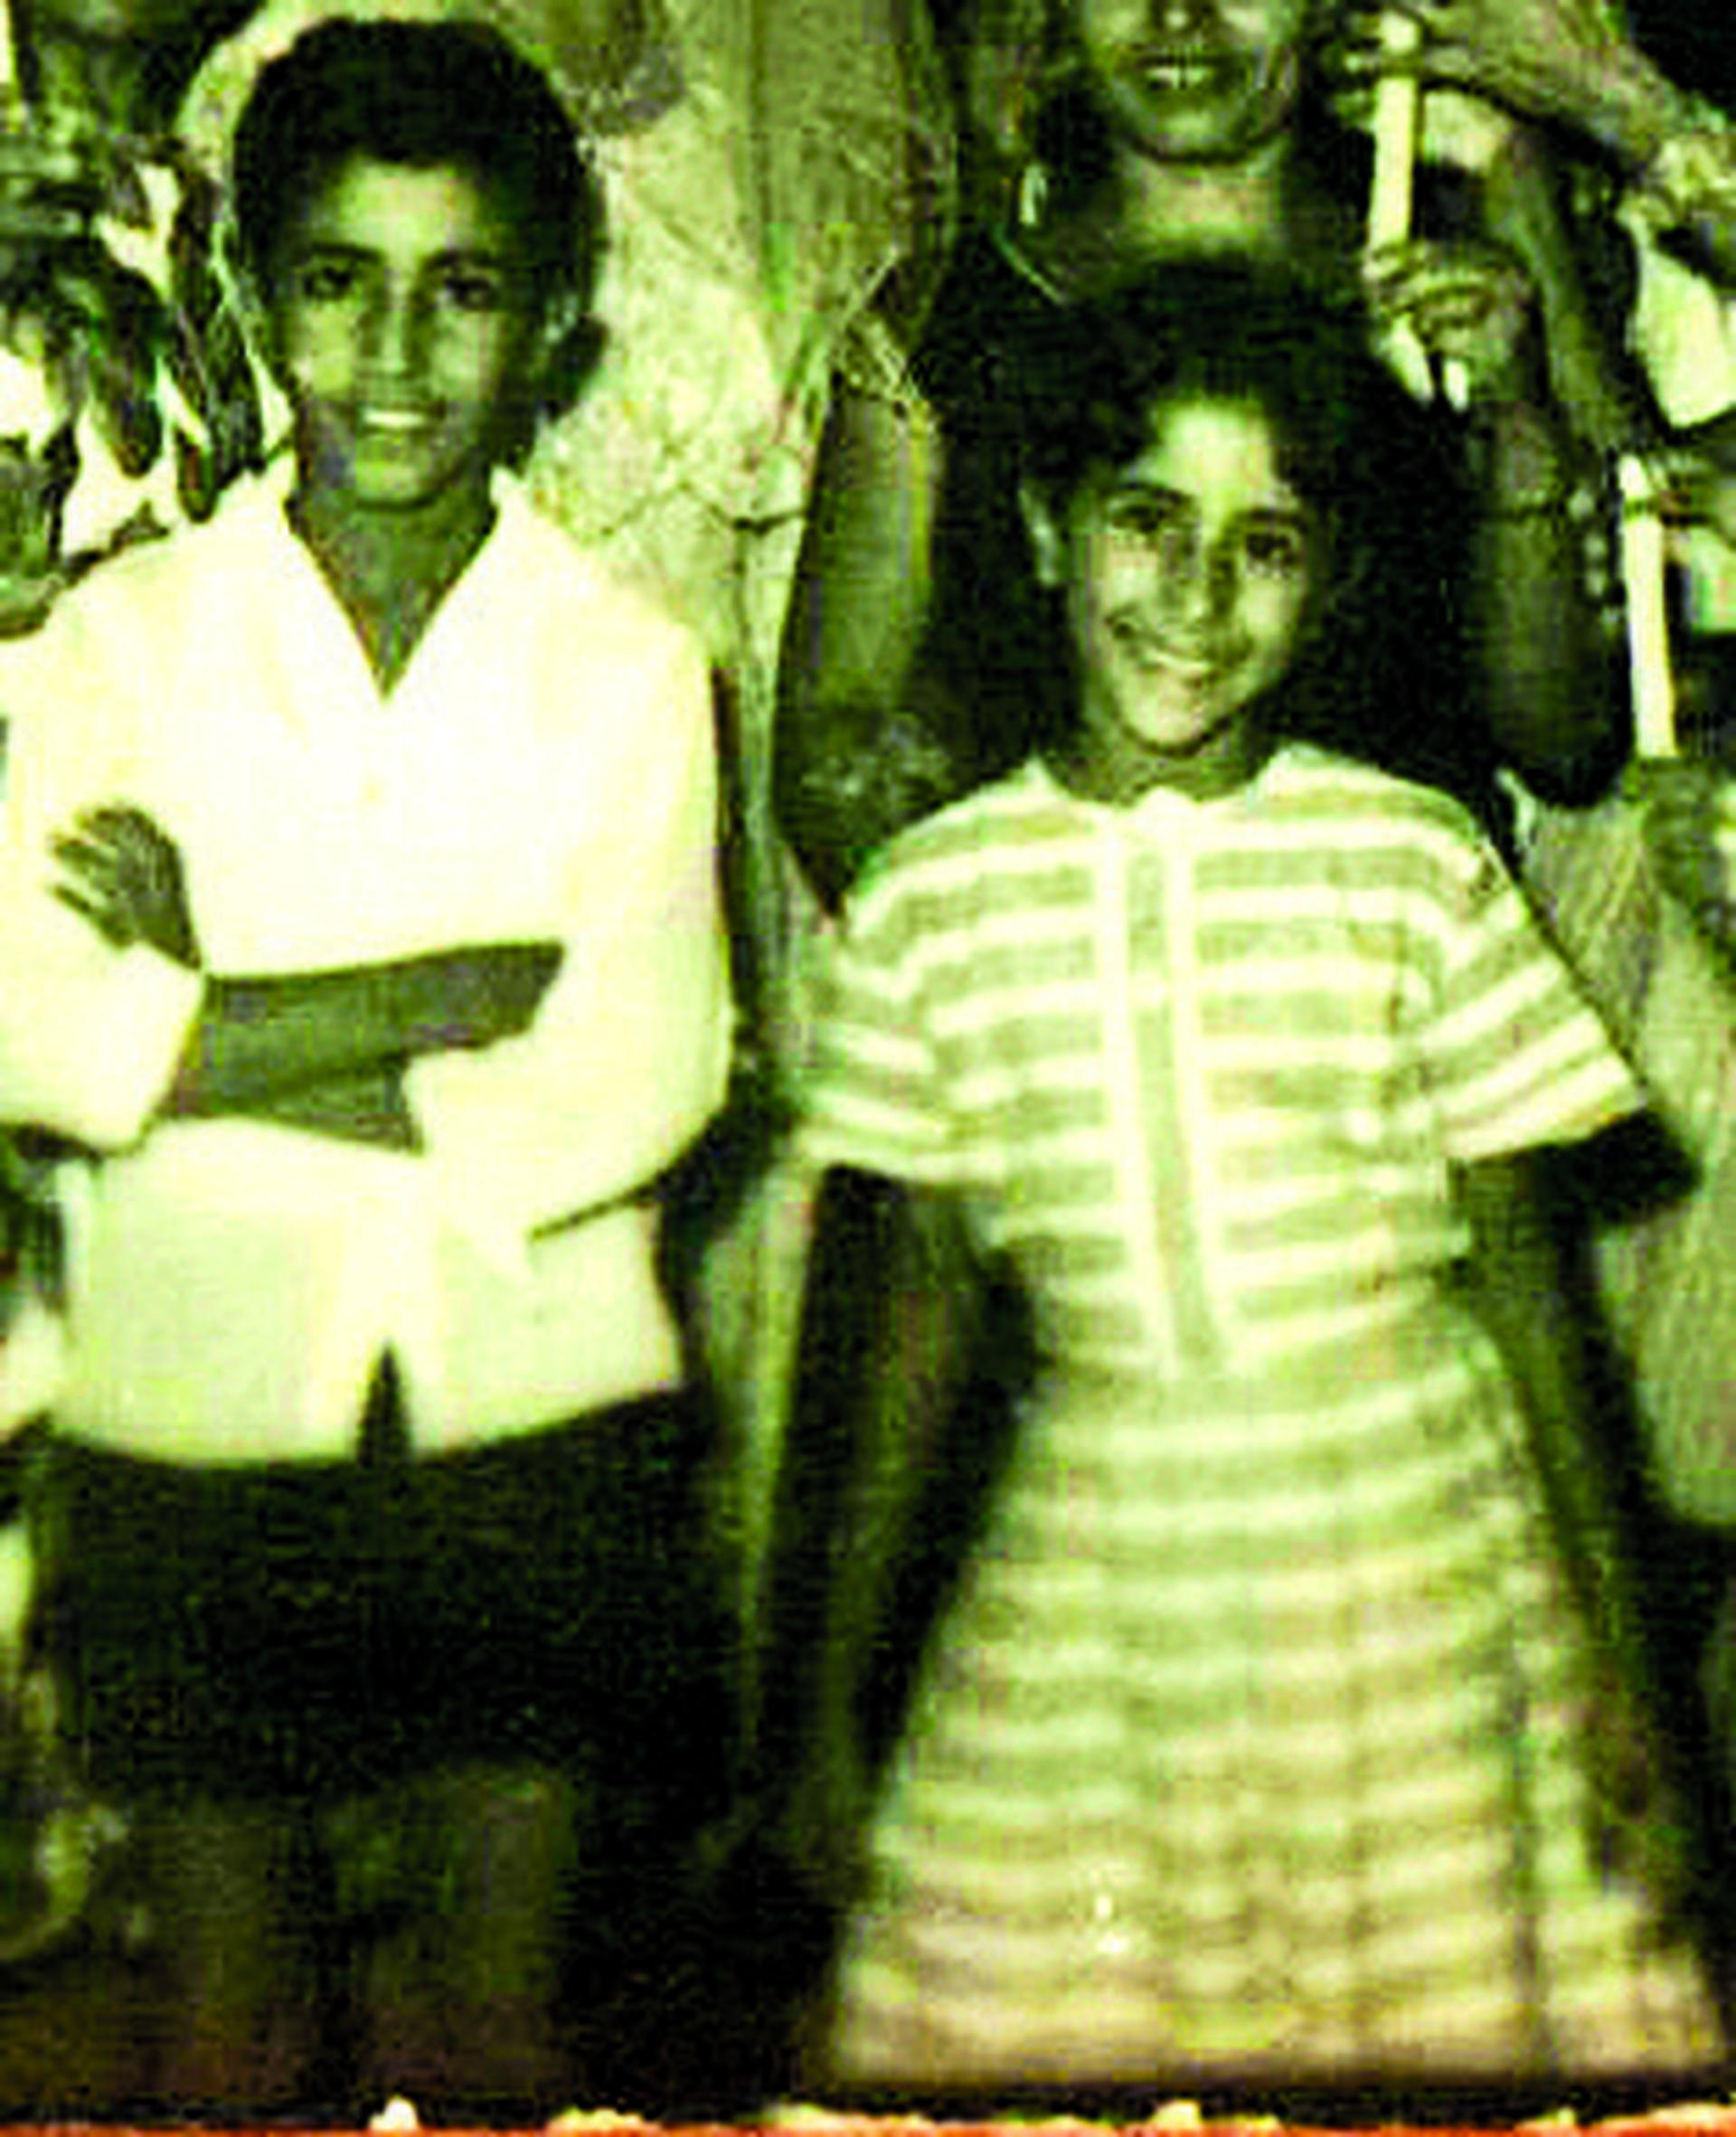 עפרה ויאיר בילדותם  צילום פרטי